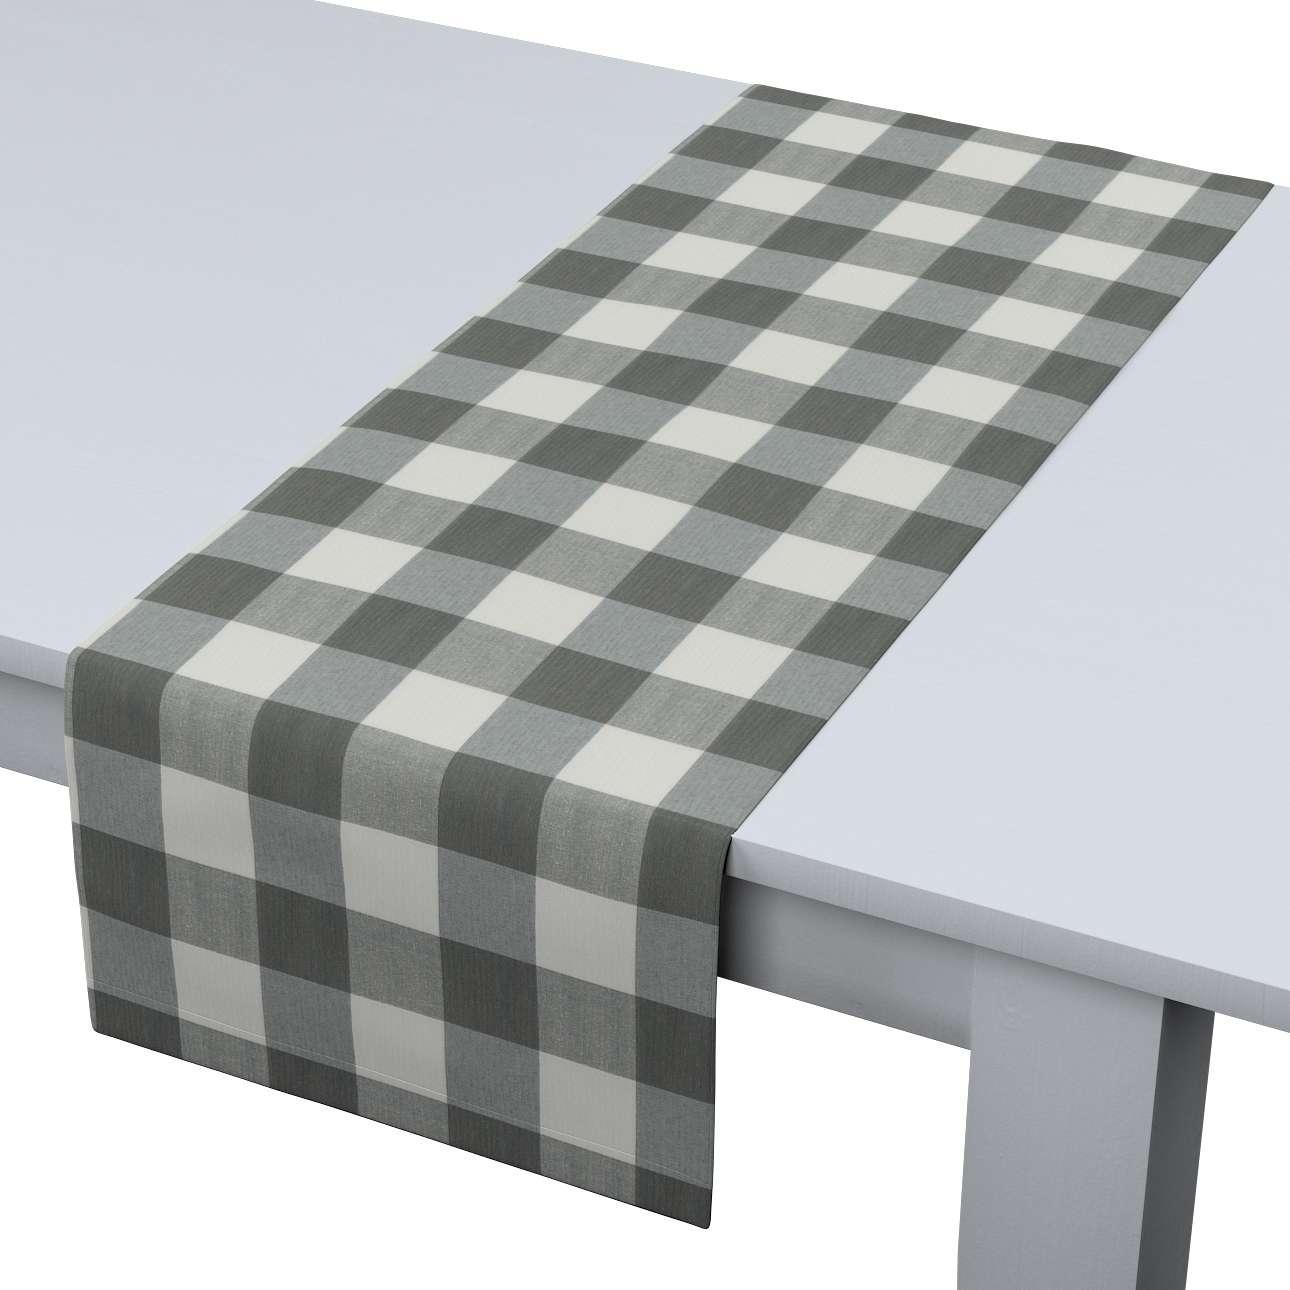 Bieżnik prostokątny 40x130 cm w kolekcji Quadro, tkanina: 136-13